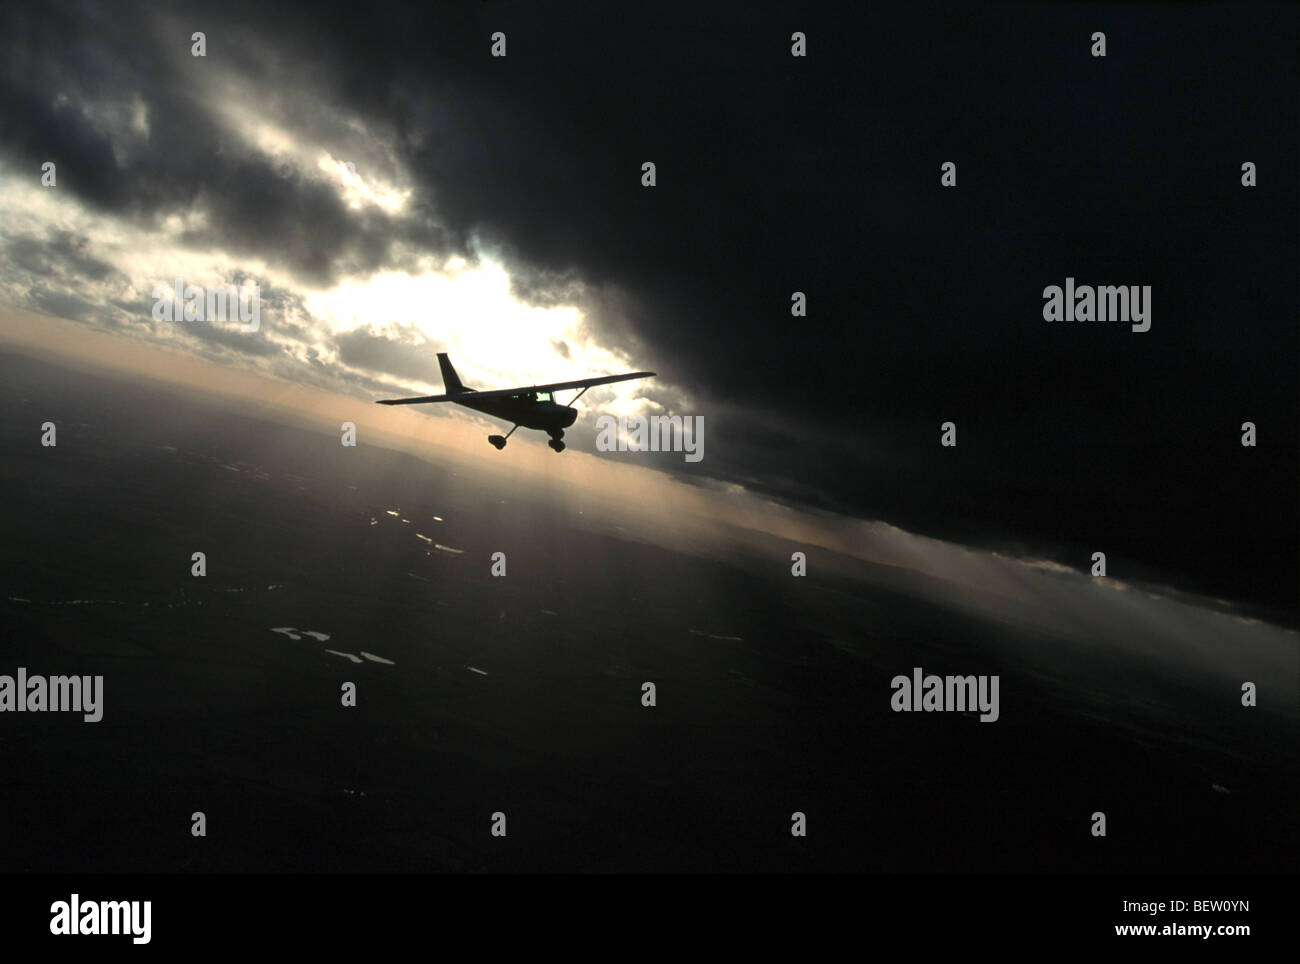 Luce aerei volando attraverso le nuvole Immagini Stock